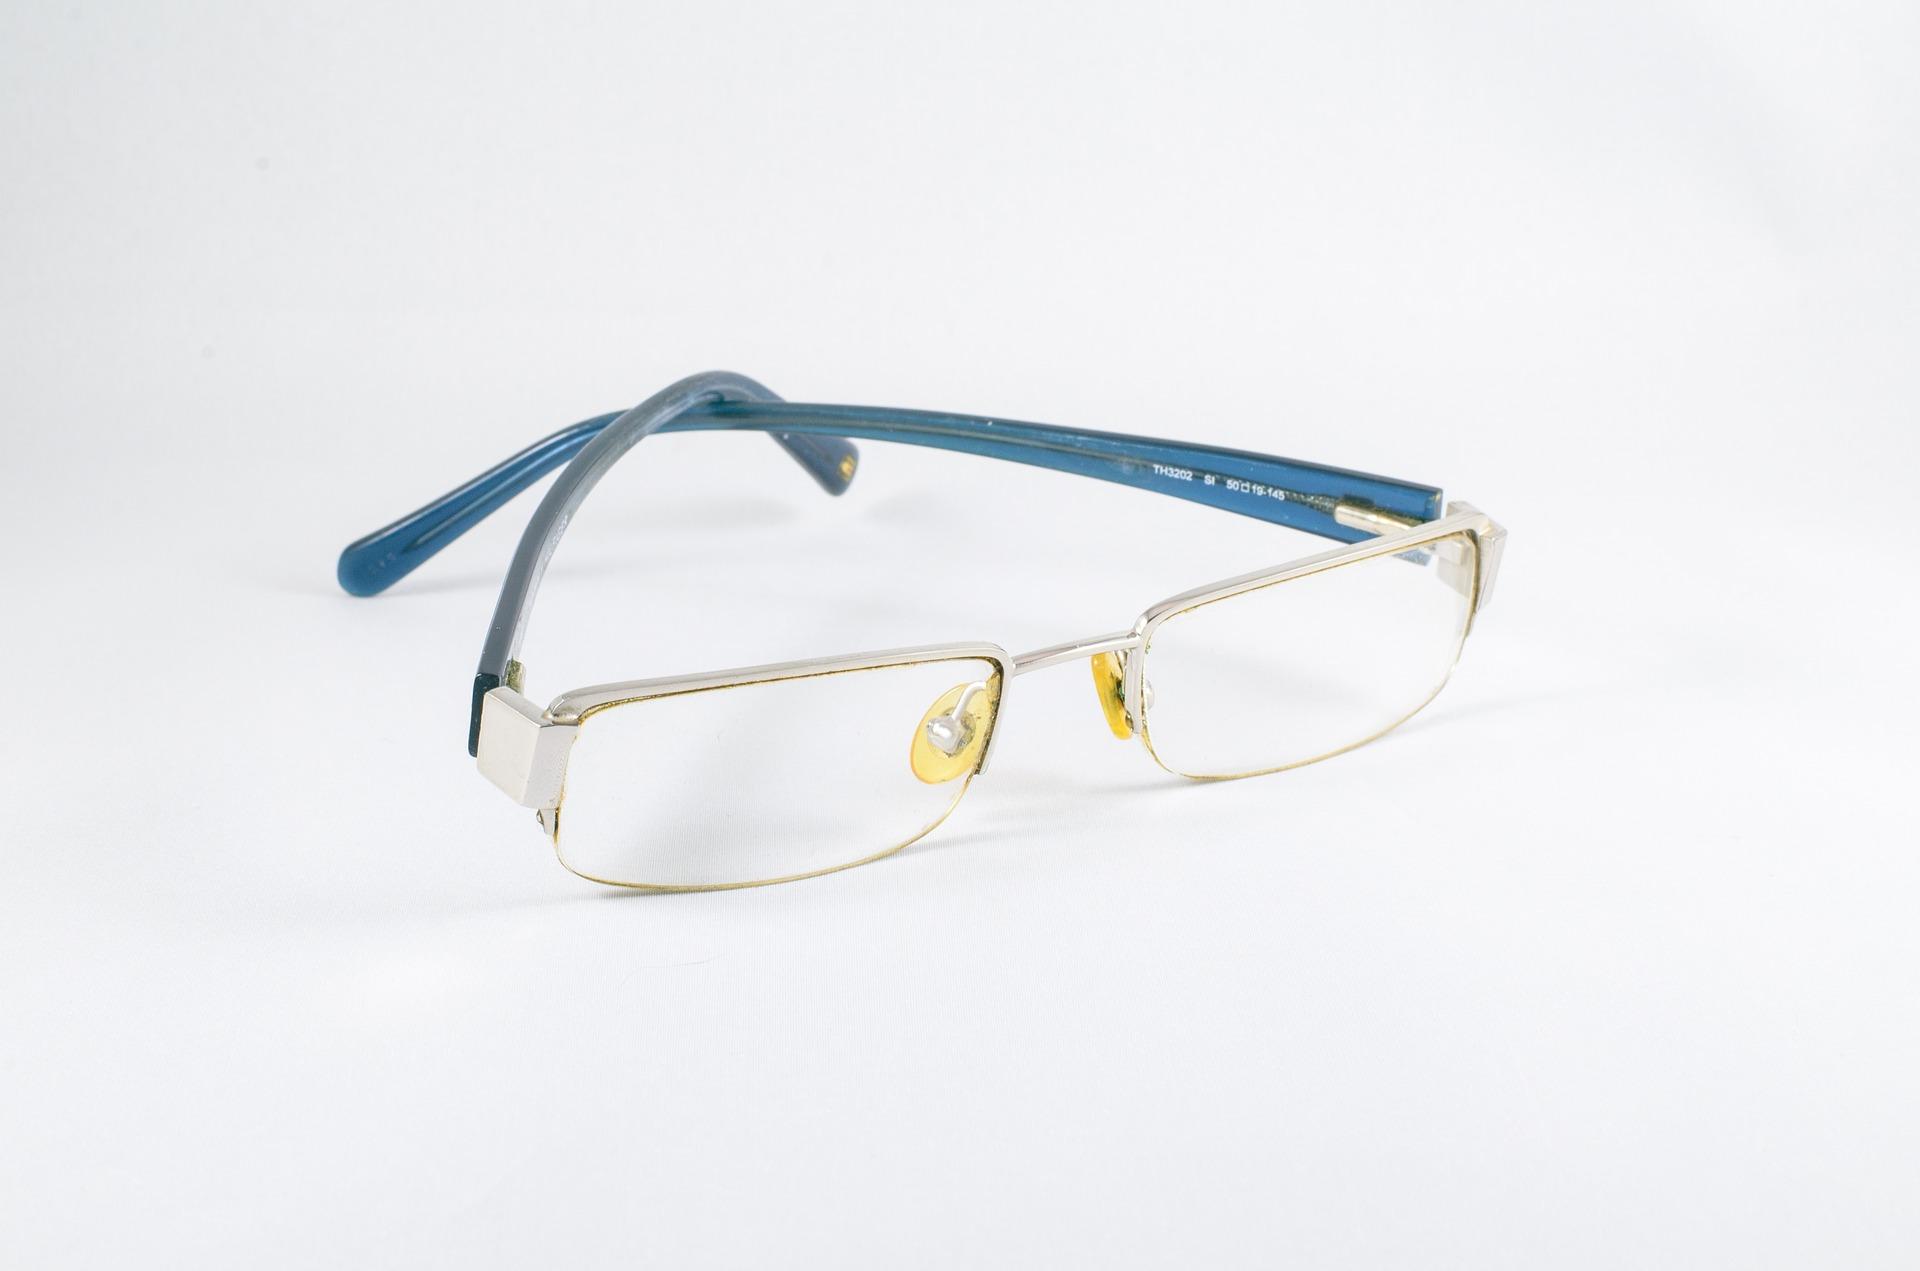 Glasses 2520475 1920